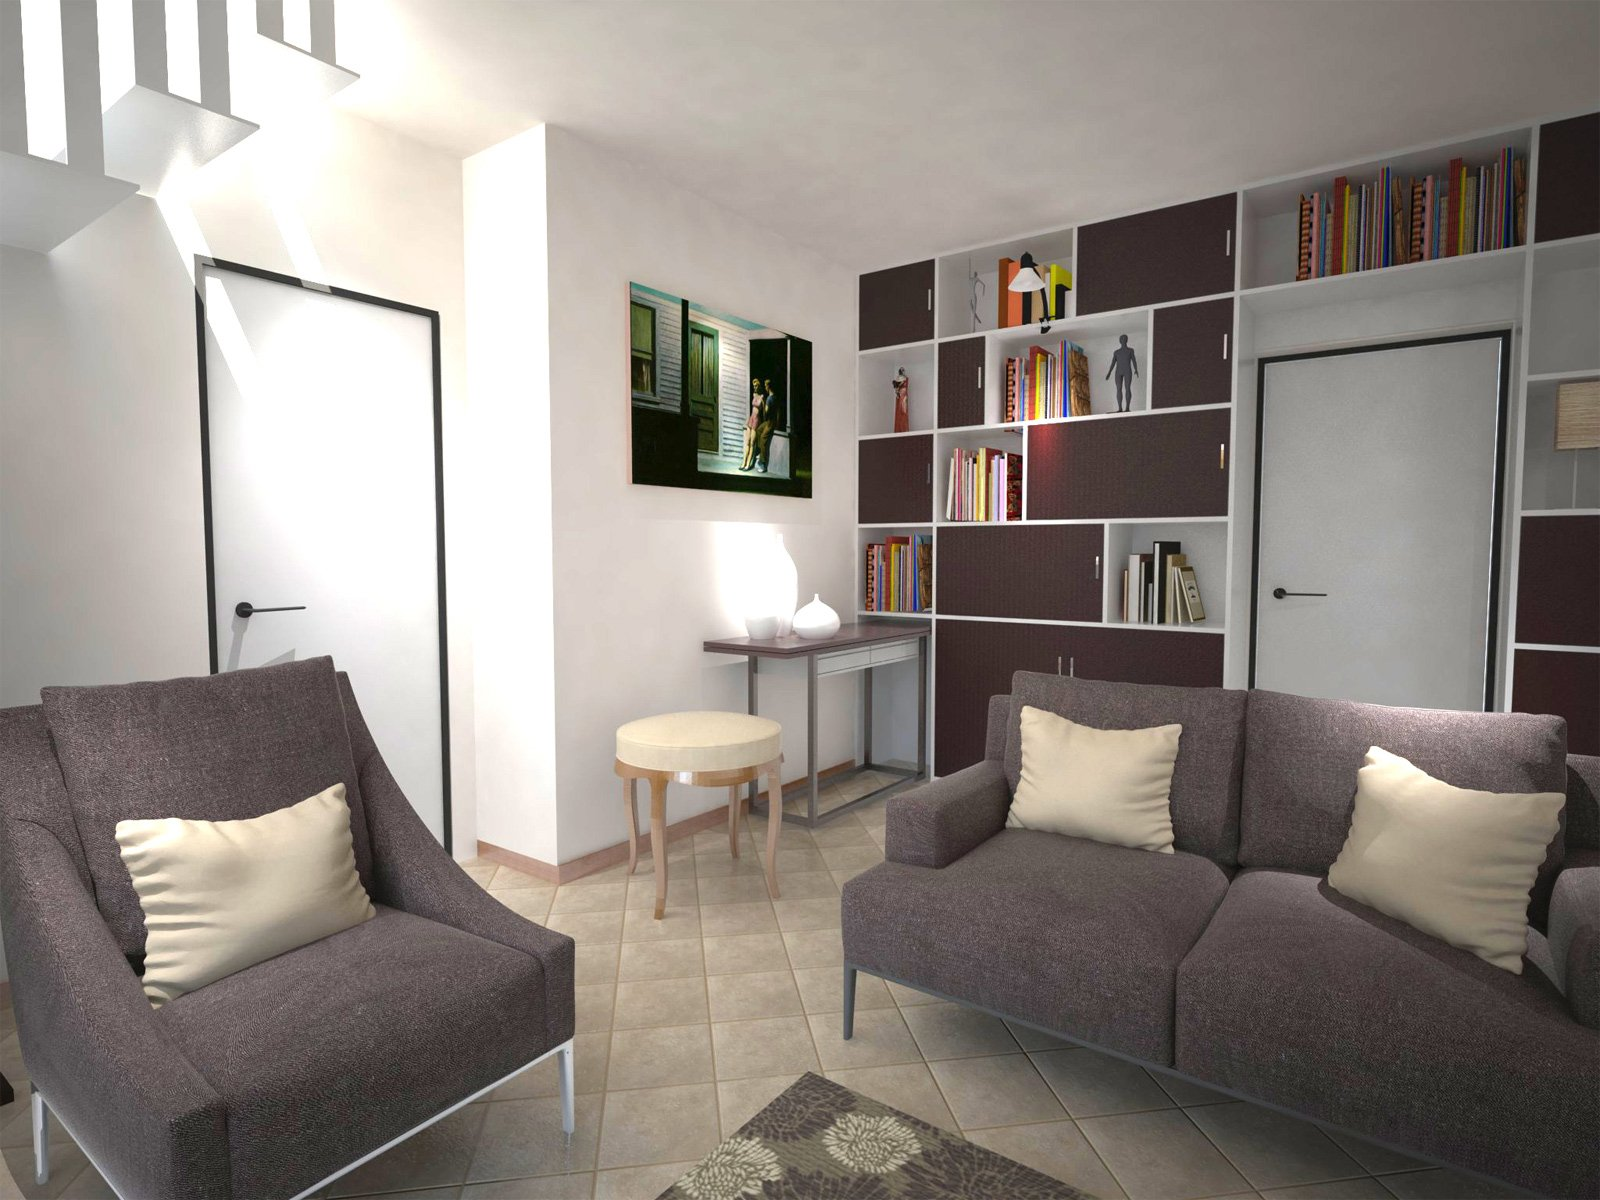 Simple arredare un soggiorno con tante aperture sulle pareti cose di casa disegni su pareti with - Decorazioni per muri di casa ...